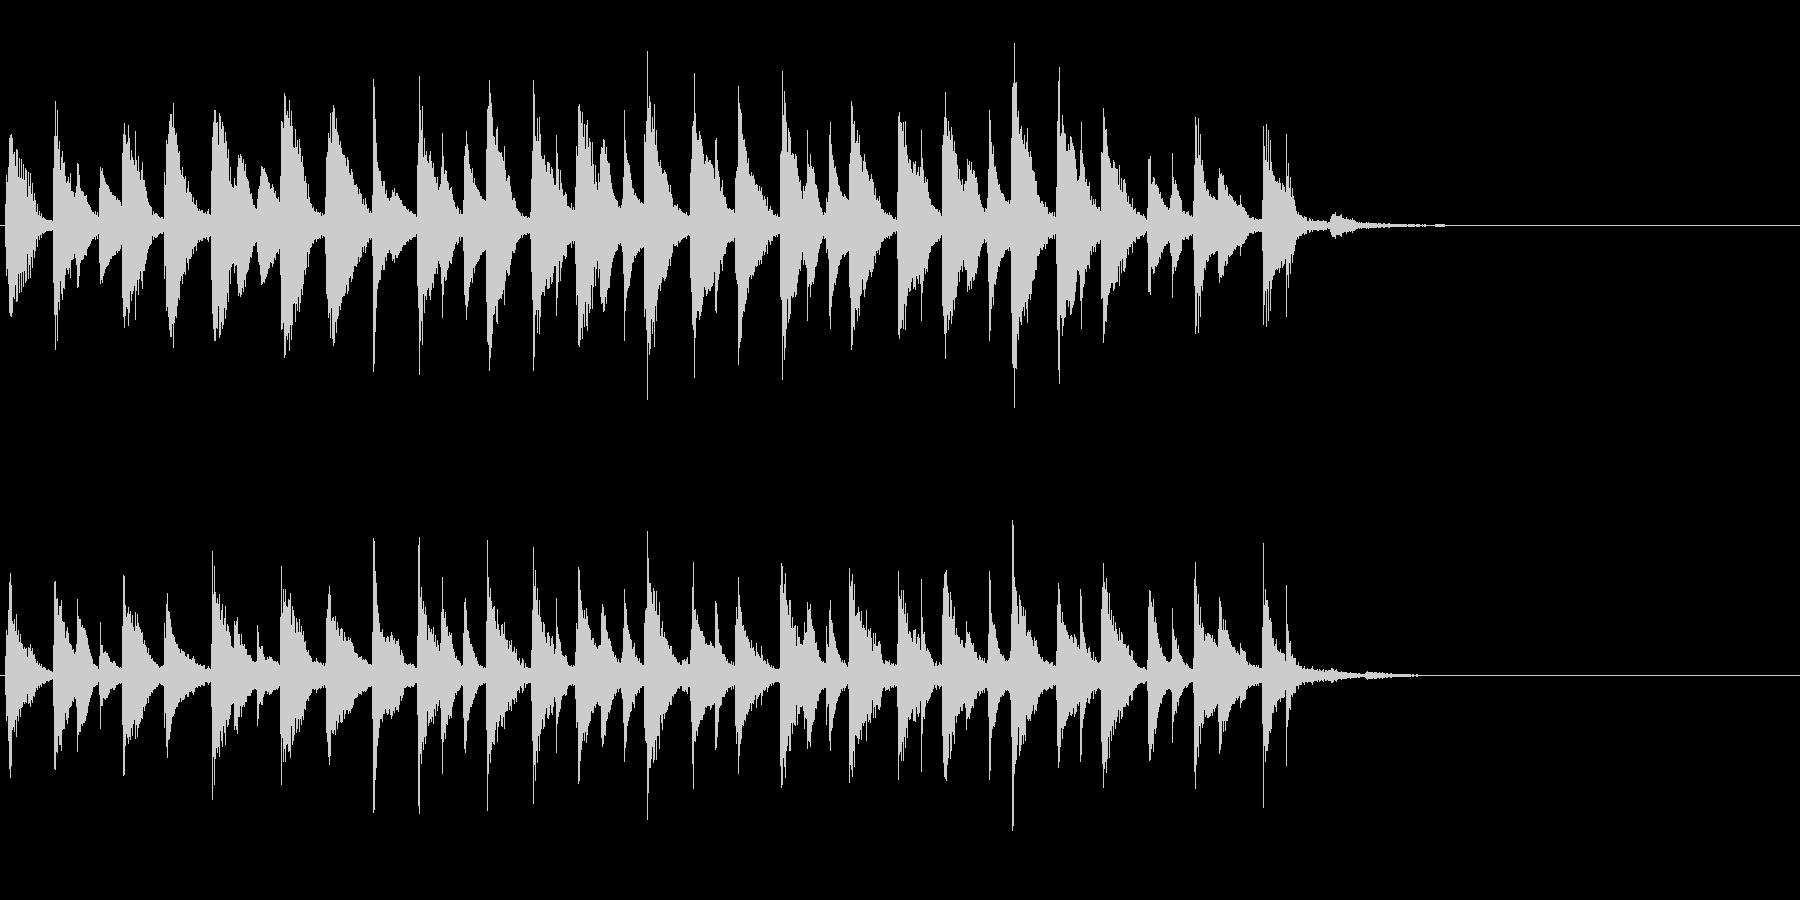 ラテンピアノのジングル、アイキャッチ等にの未再生の波形